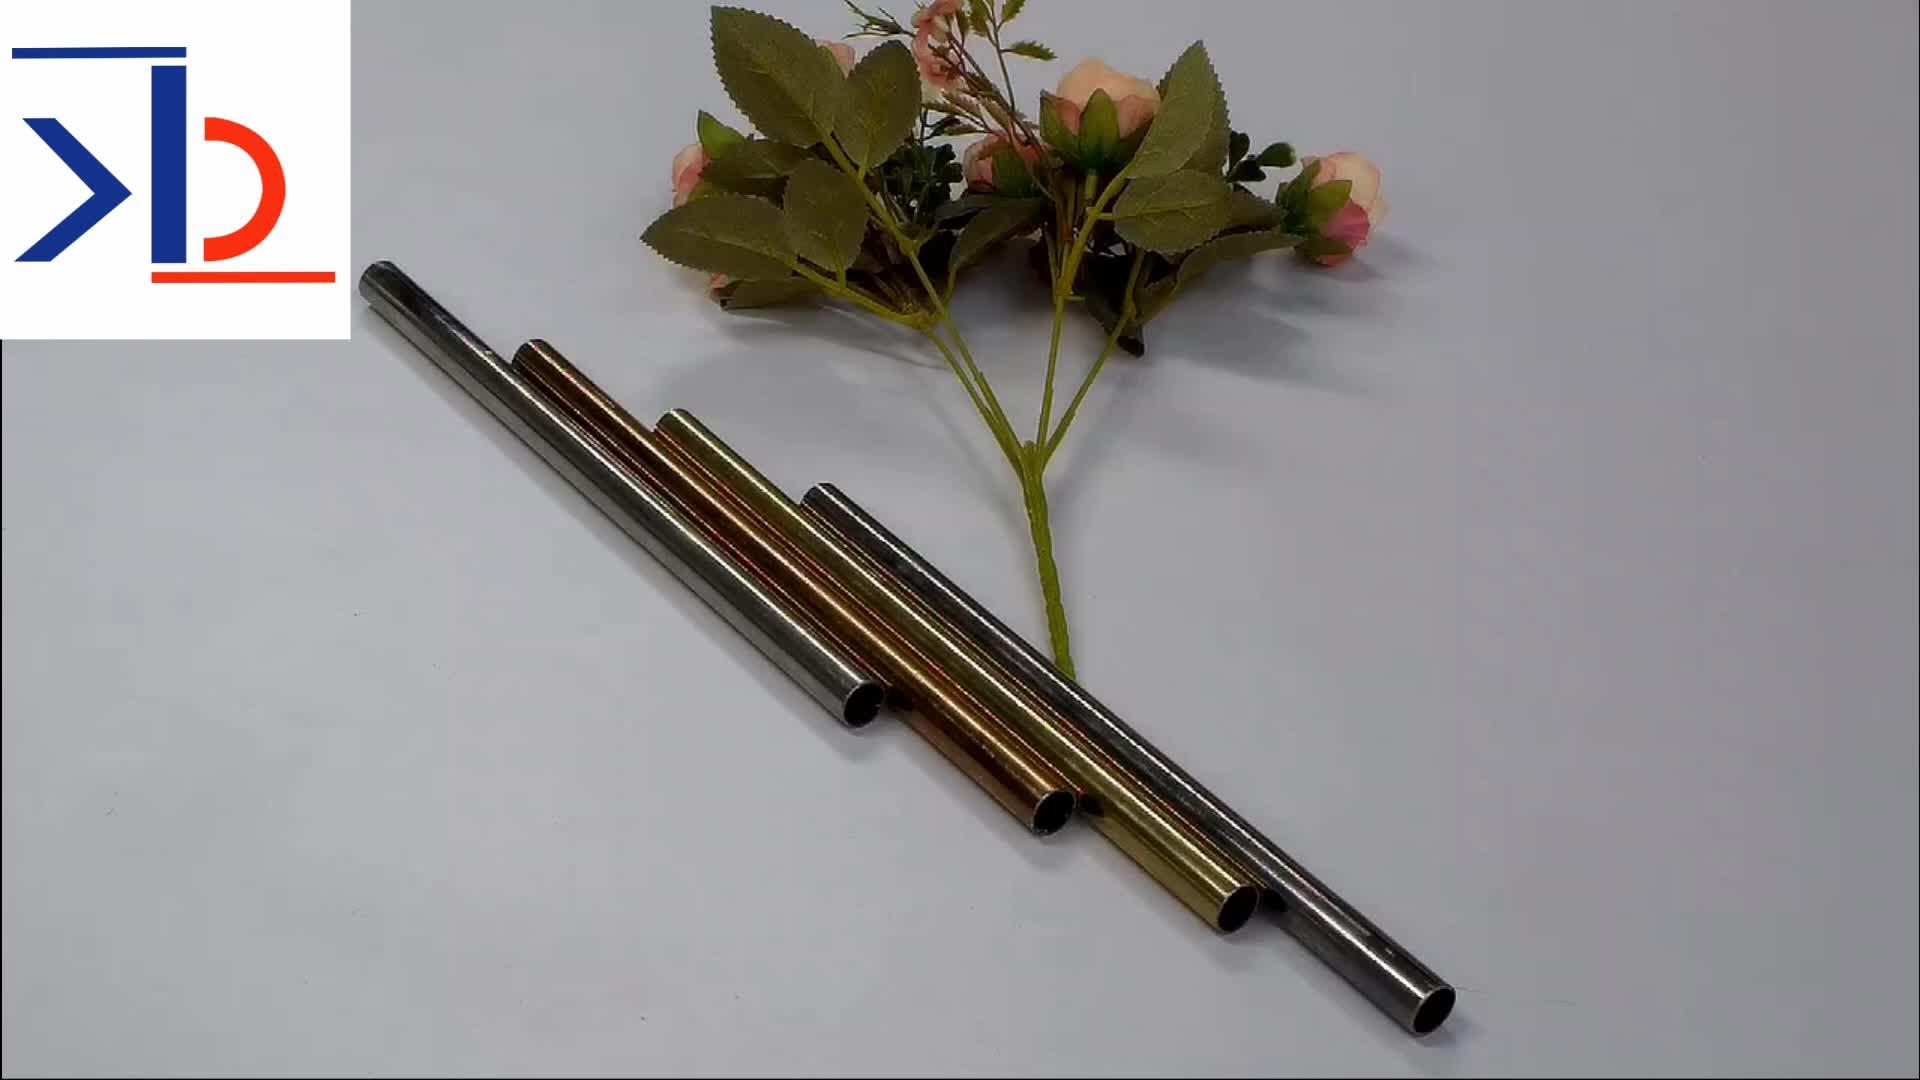 Полые тонкие зеркала из нержавеющей стали SUS316 труба США золотой цвет декоративные 304 трубы из нержавеющей стали цена